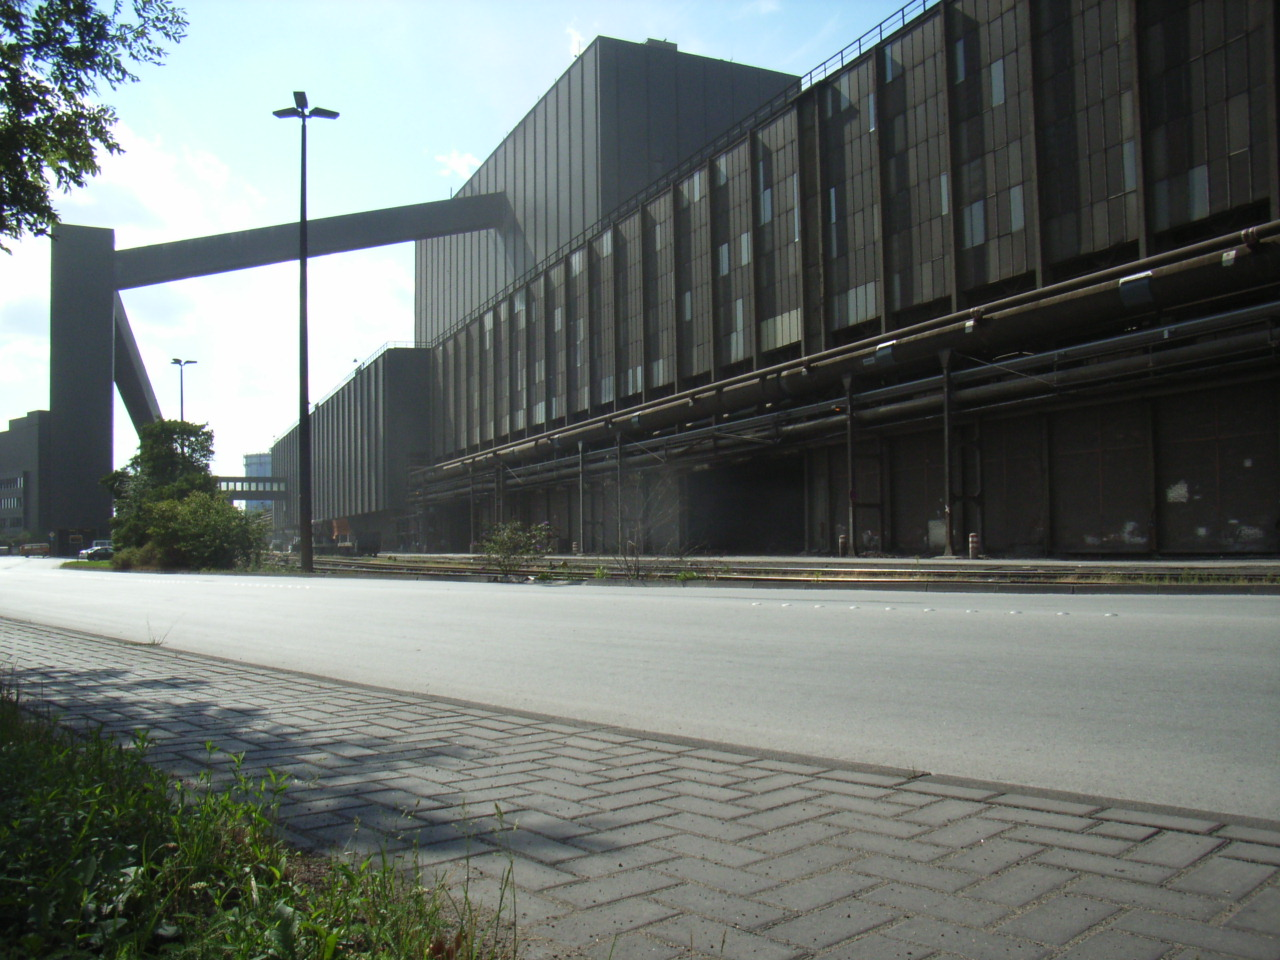 Stahlwerk Duisburg Bruckhausen